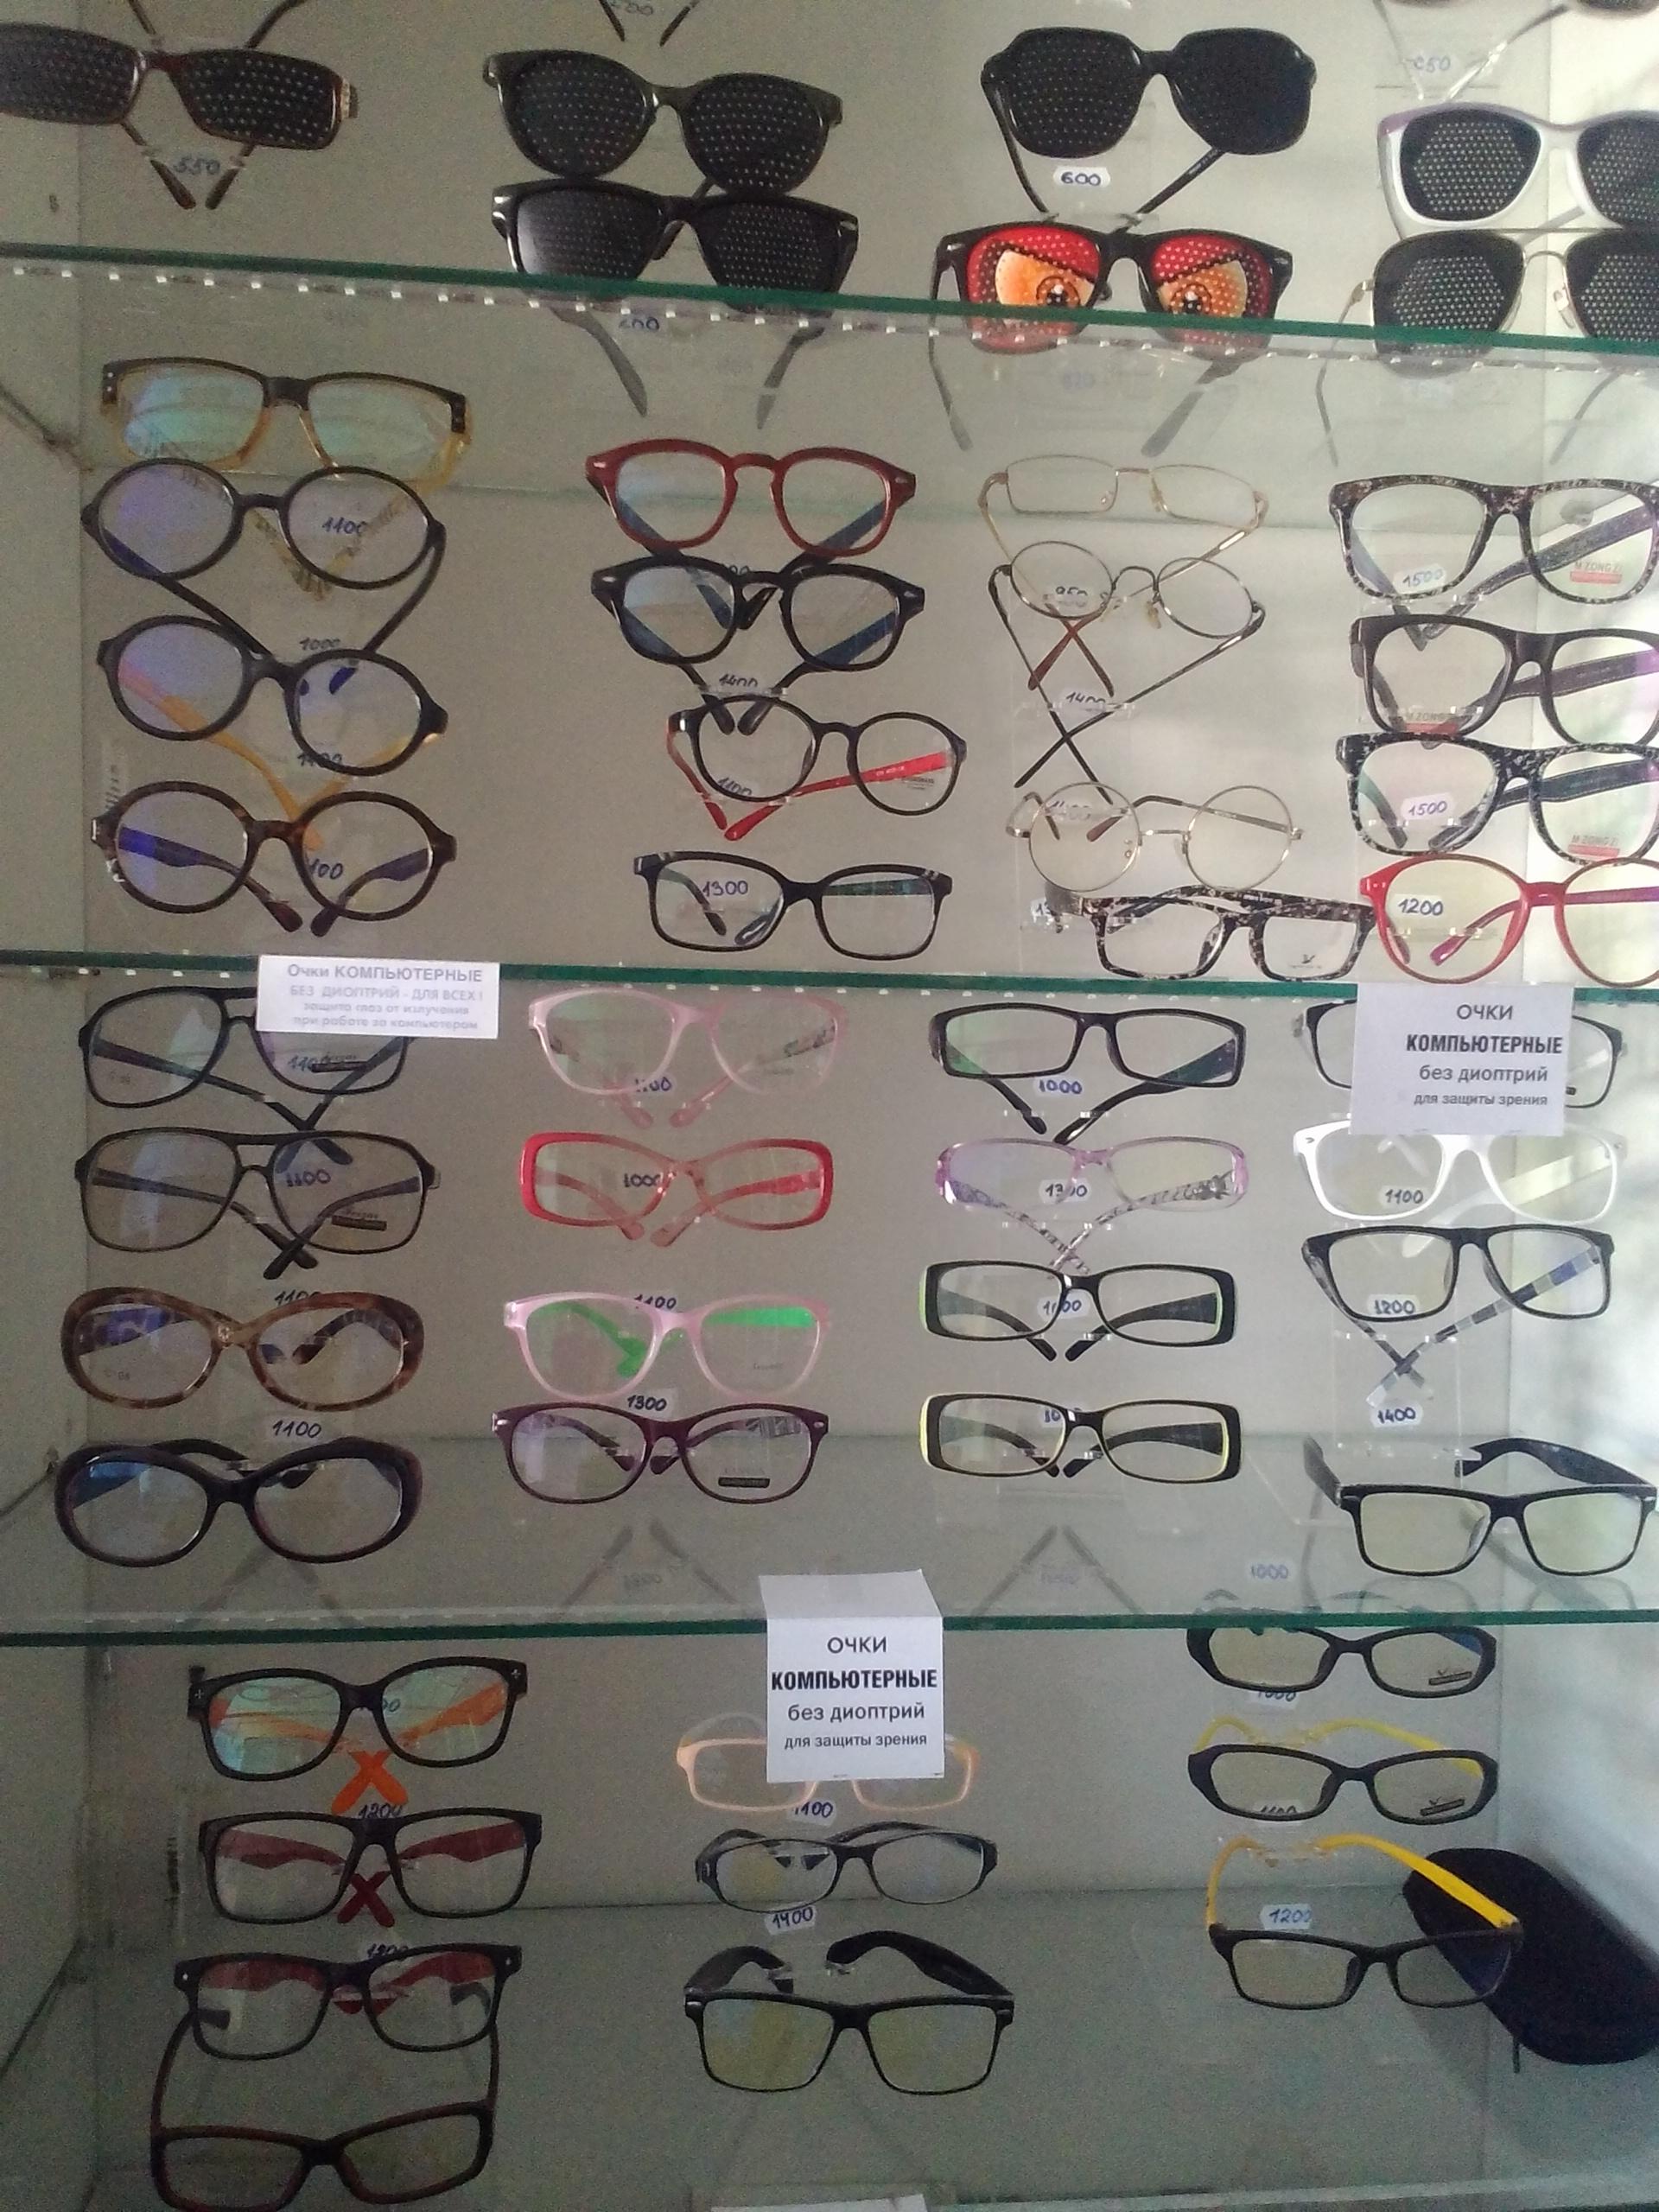 Хочешь купить дешевые очки в Уфе и не знаешь, где    До 1000 рублей! dc2c6f51f9c